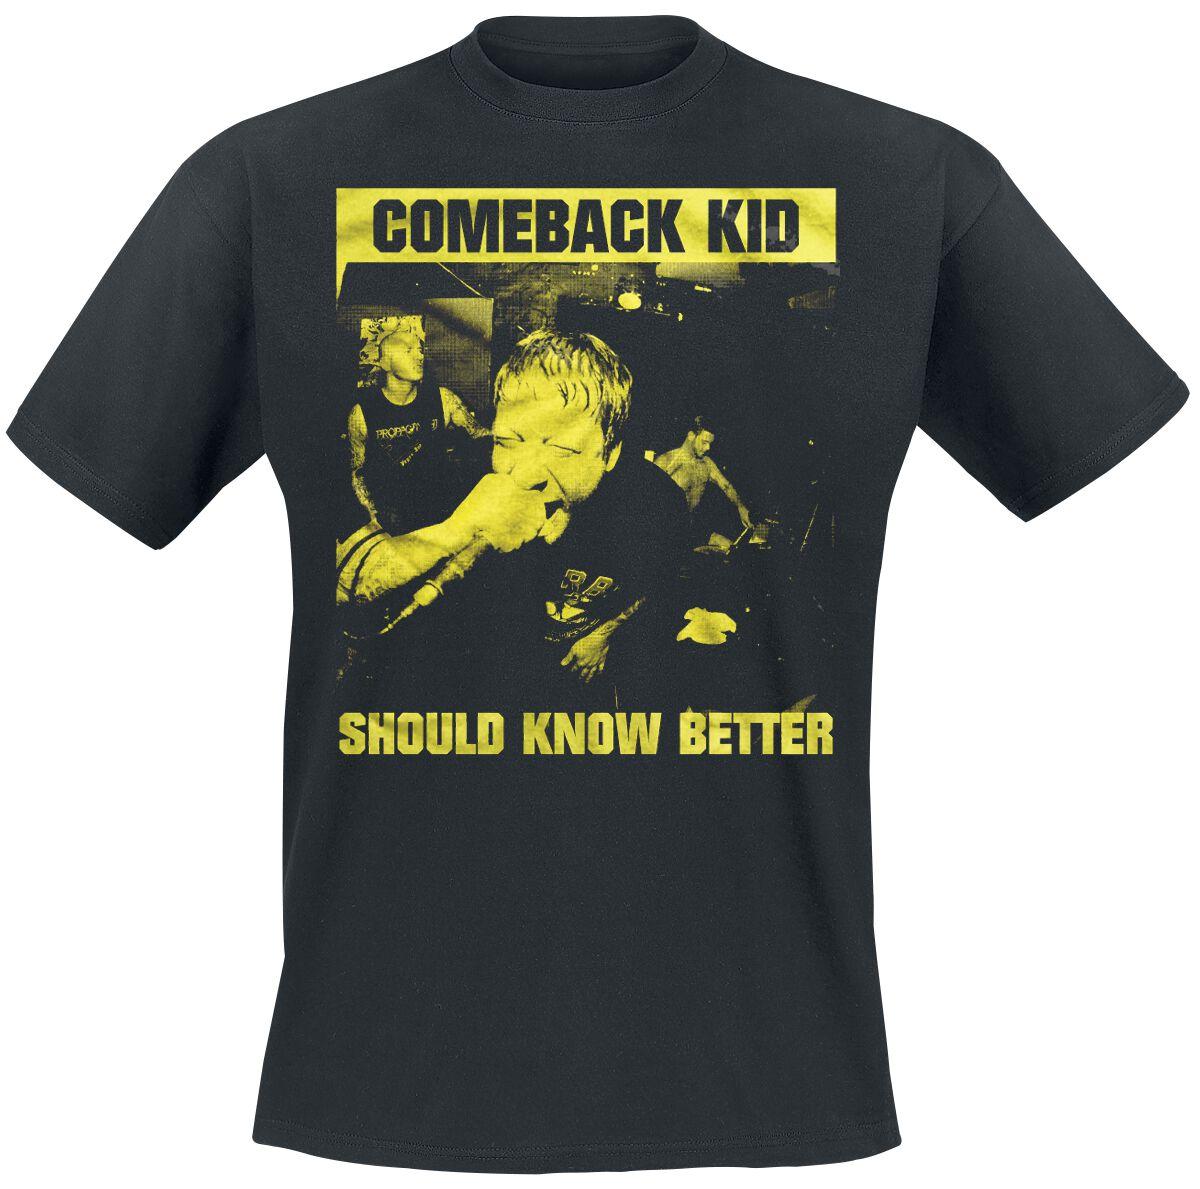 Zespoły - Koszulki - T-Shirt Comeback Kid Should Know Better T-Shirt czarny - 369975